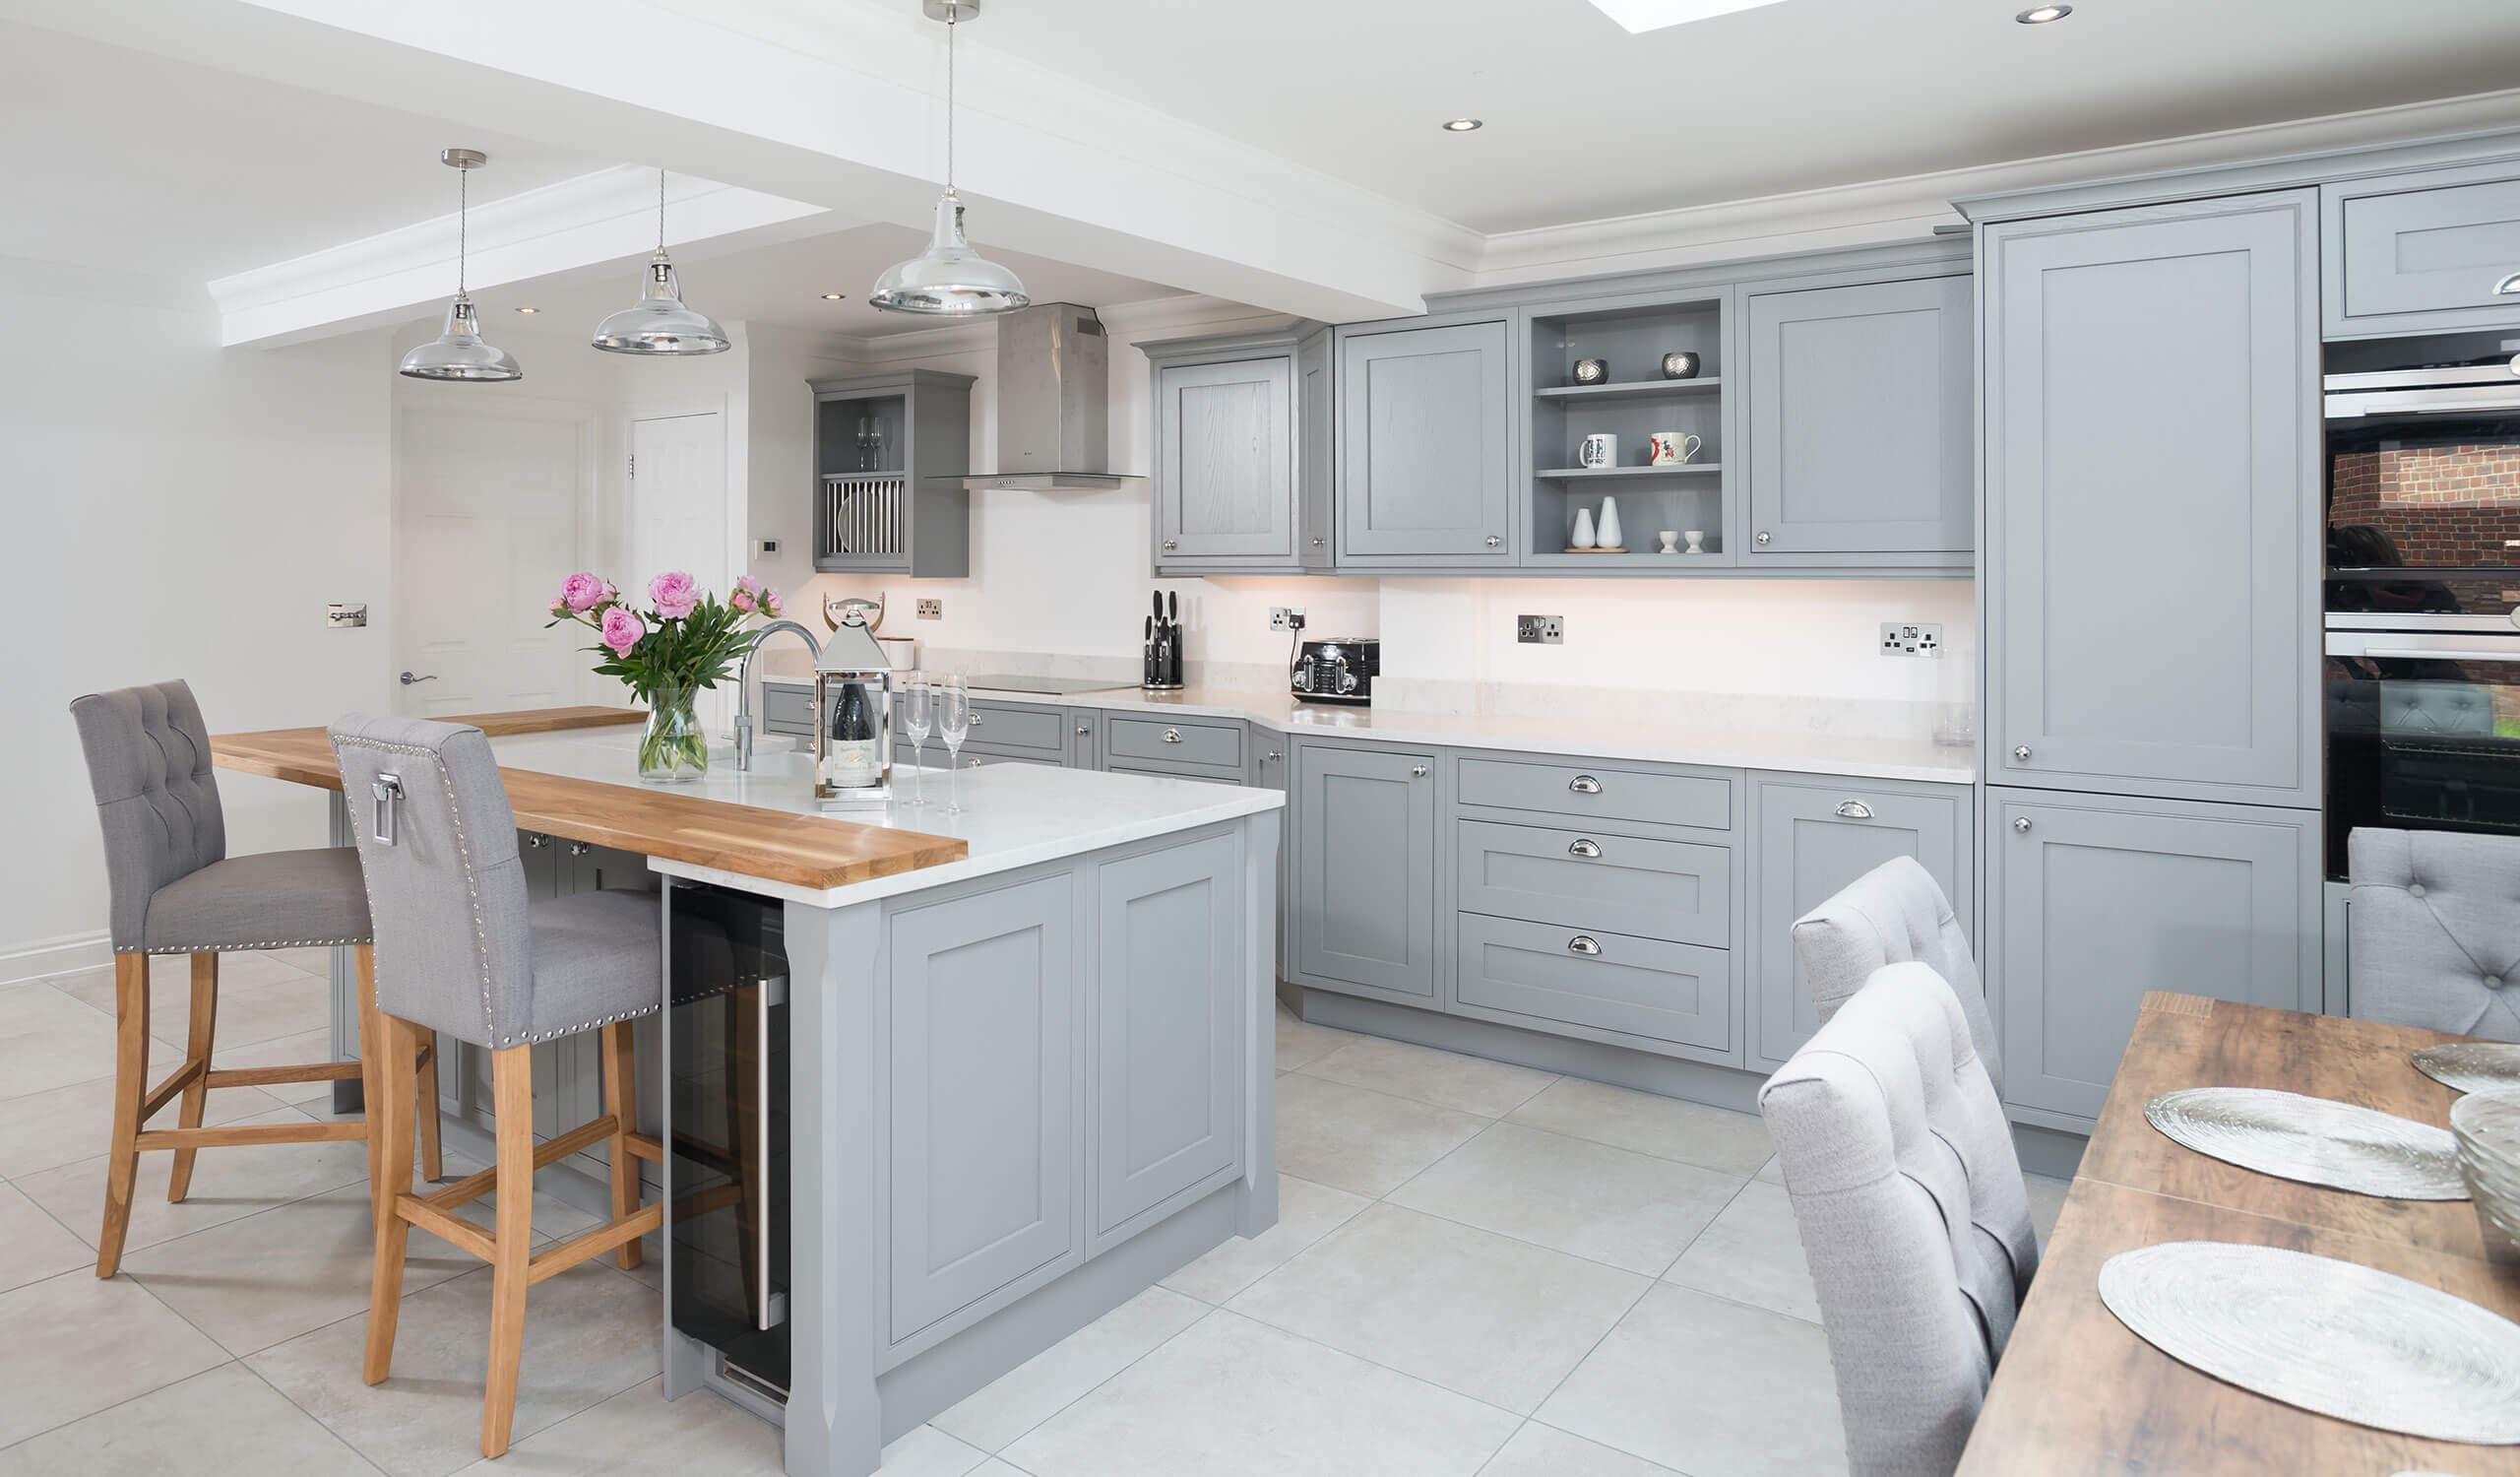 Sussex Kitchens